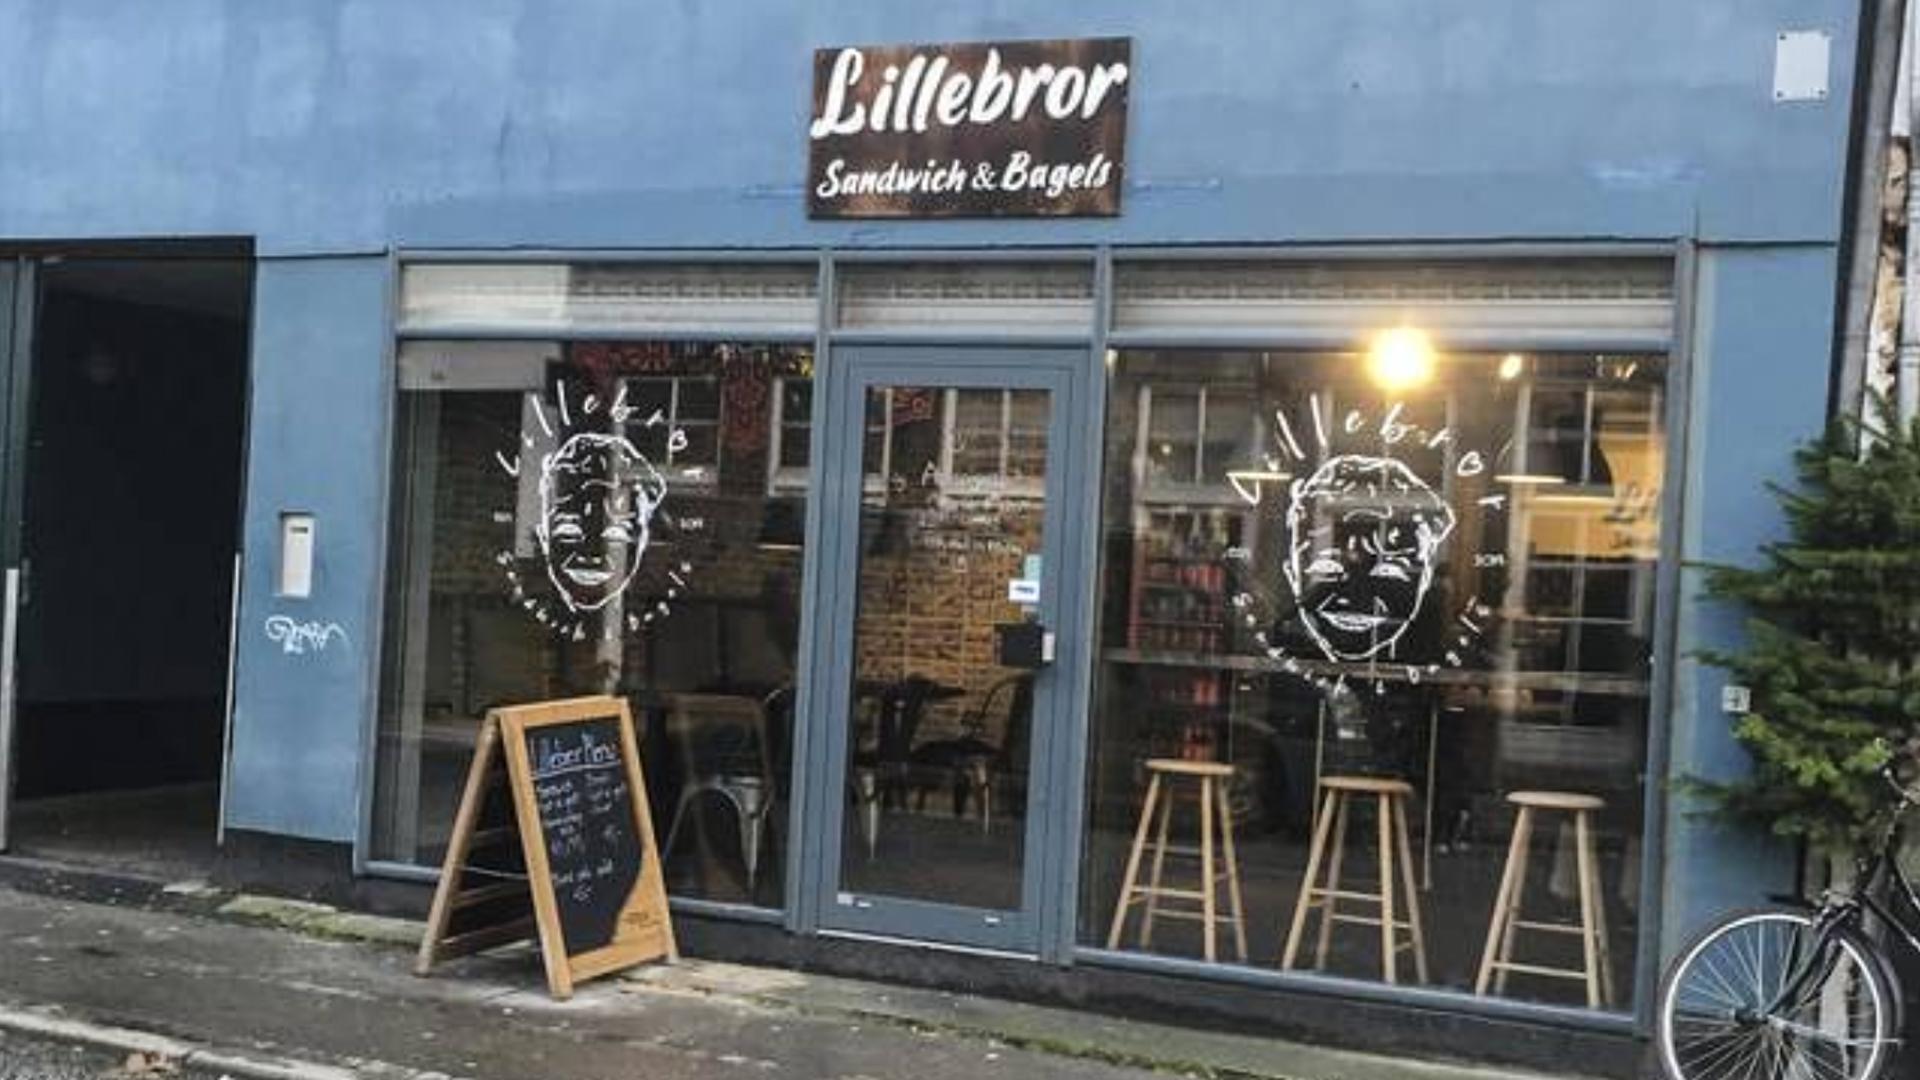 Nyhed: Lillebror sandwichbar åbnet i Vestergade